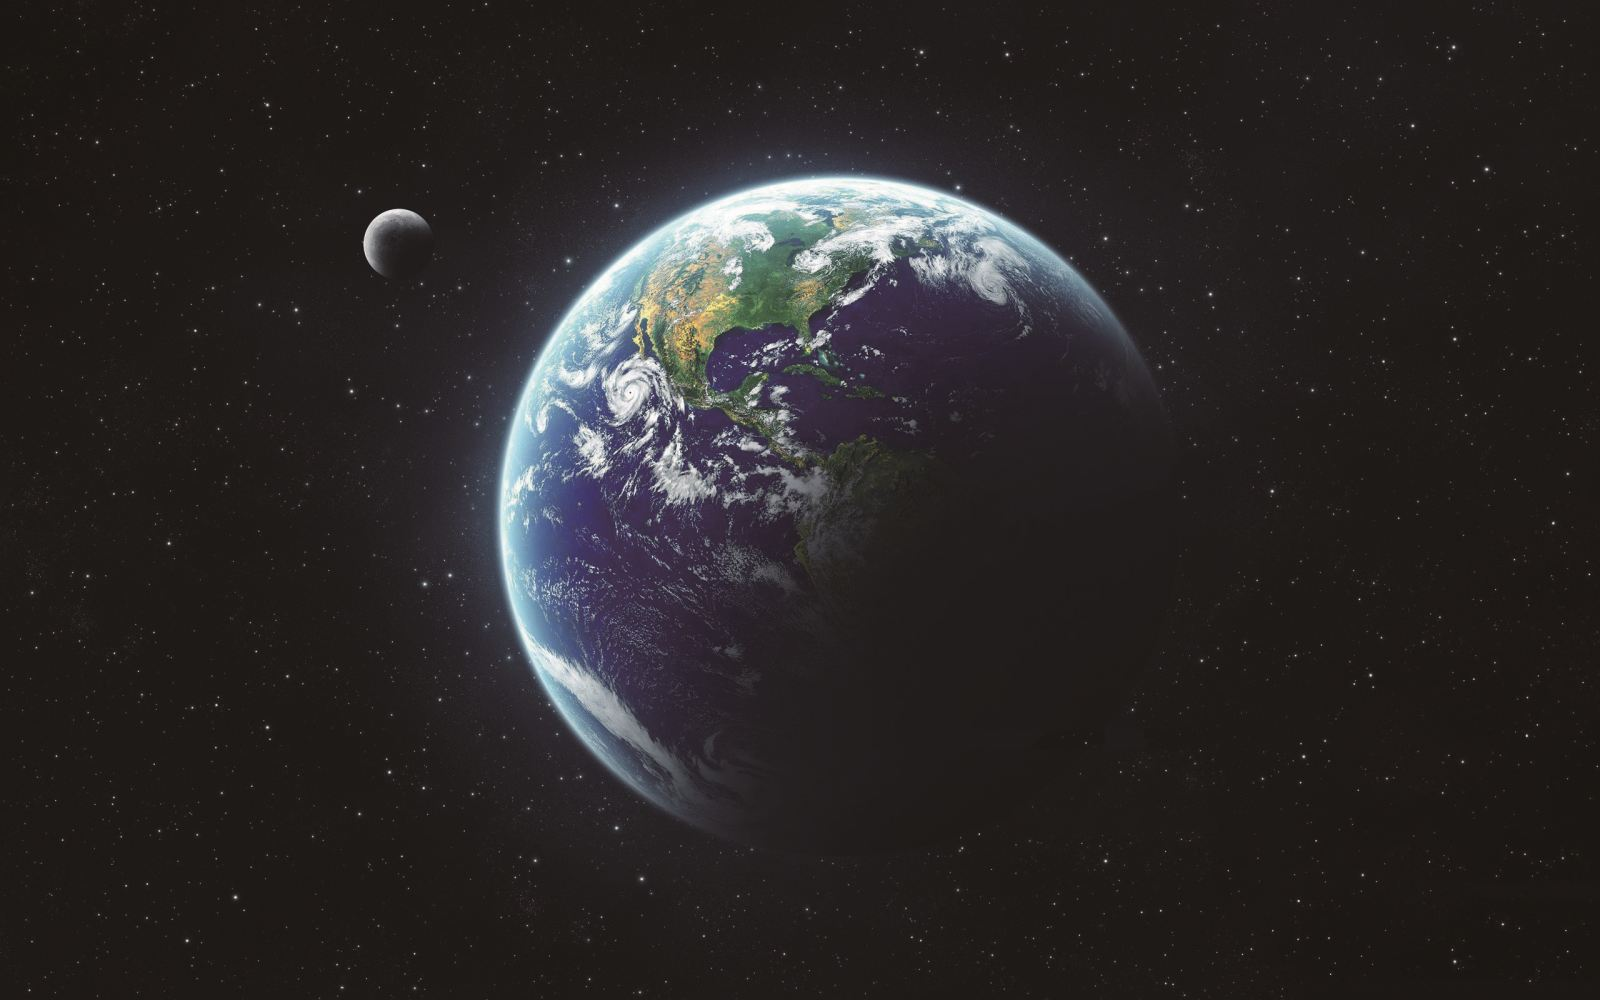 细心的人会发现,从月缺到月圆,每个月的月亮似乎总是带着蒙娜丽莎的